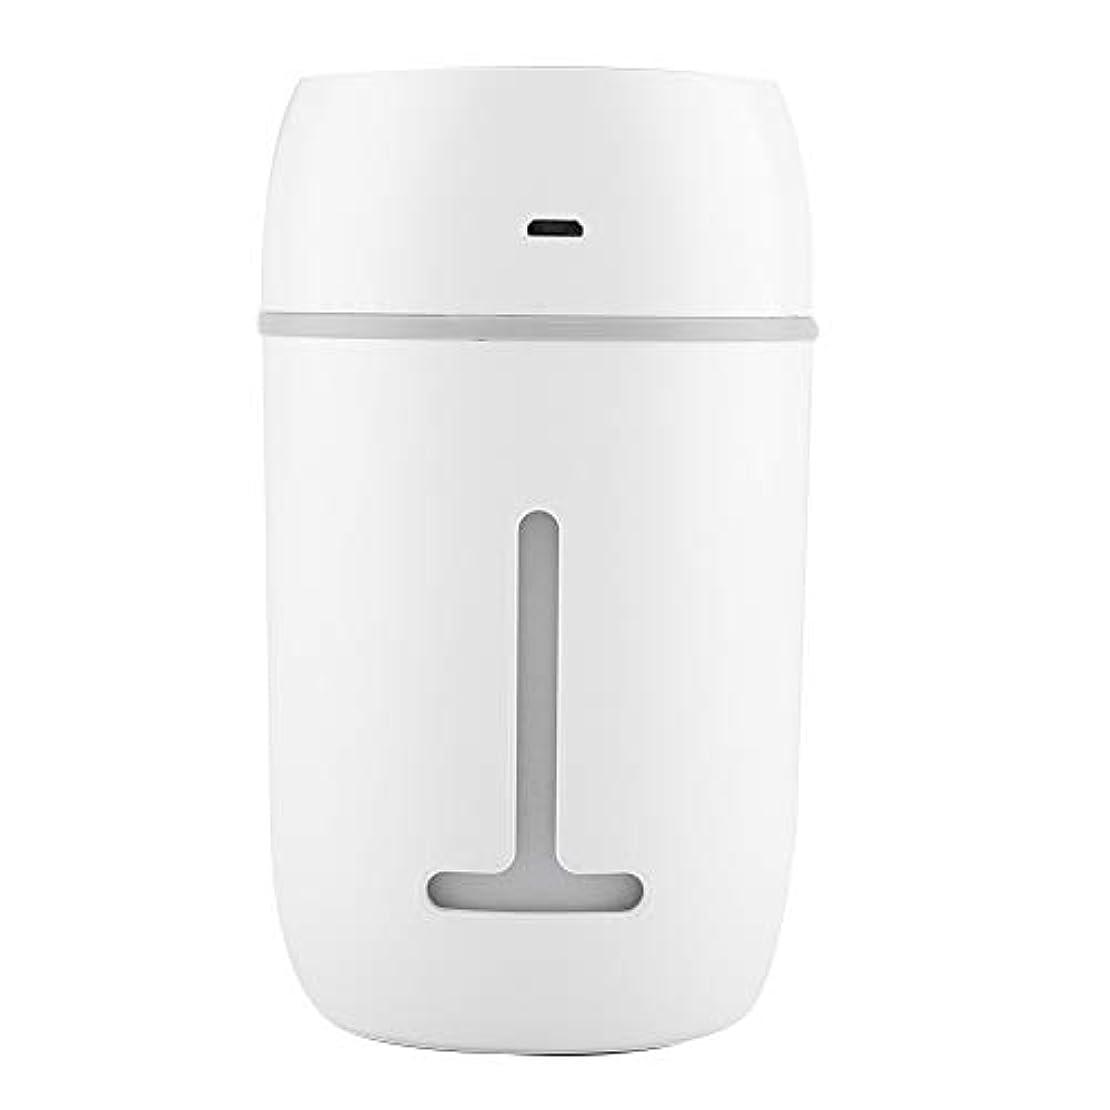 薬バルセロナかりてミニUSB加湿器、超音波クールミスト加湿器充電式ポータブルカーオフィス加湿器ディフューザー7色LEDライト